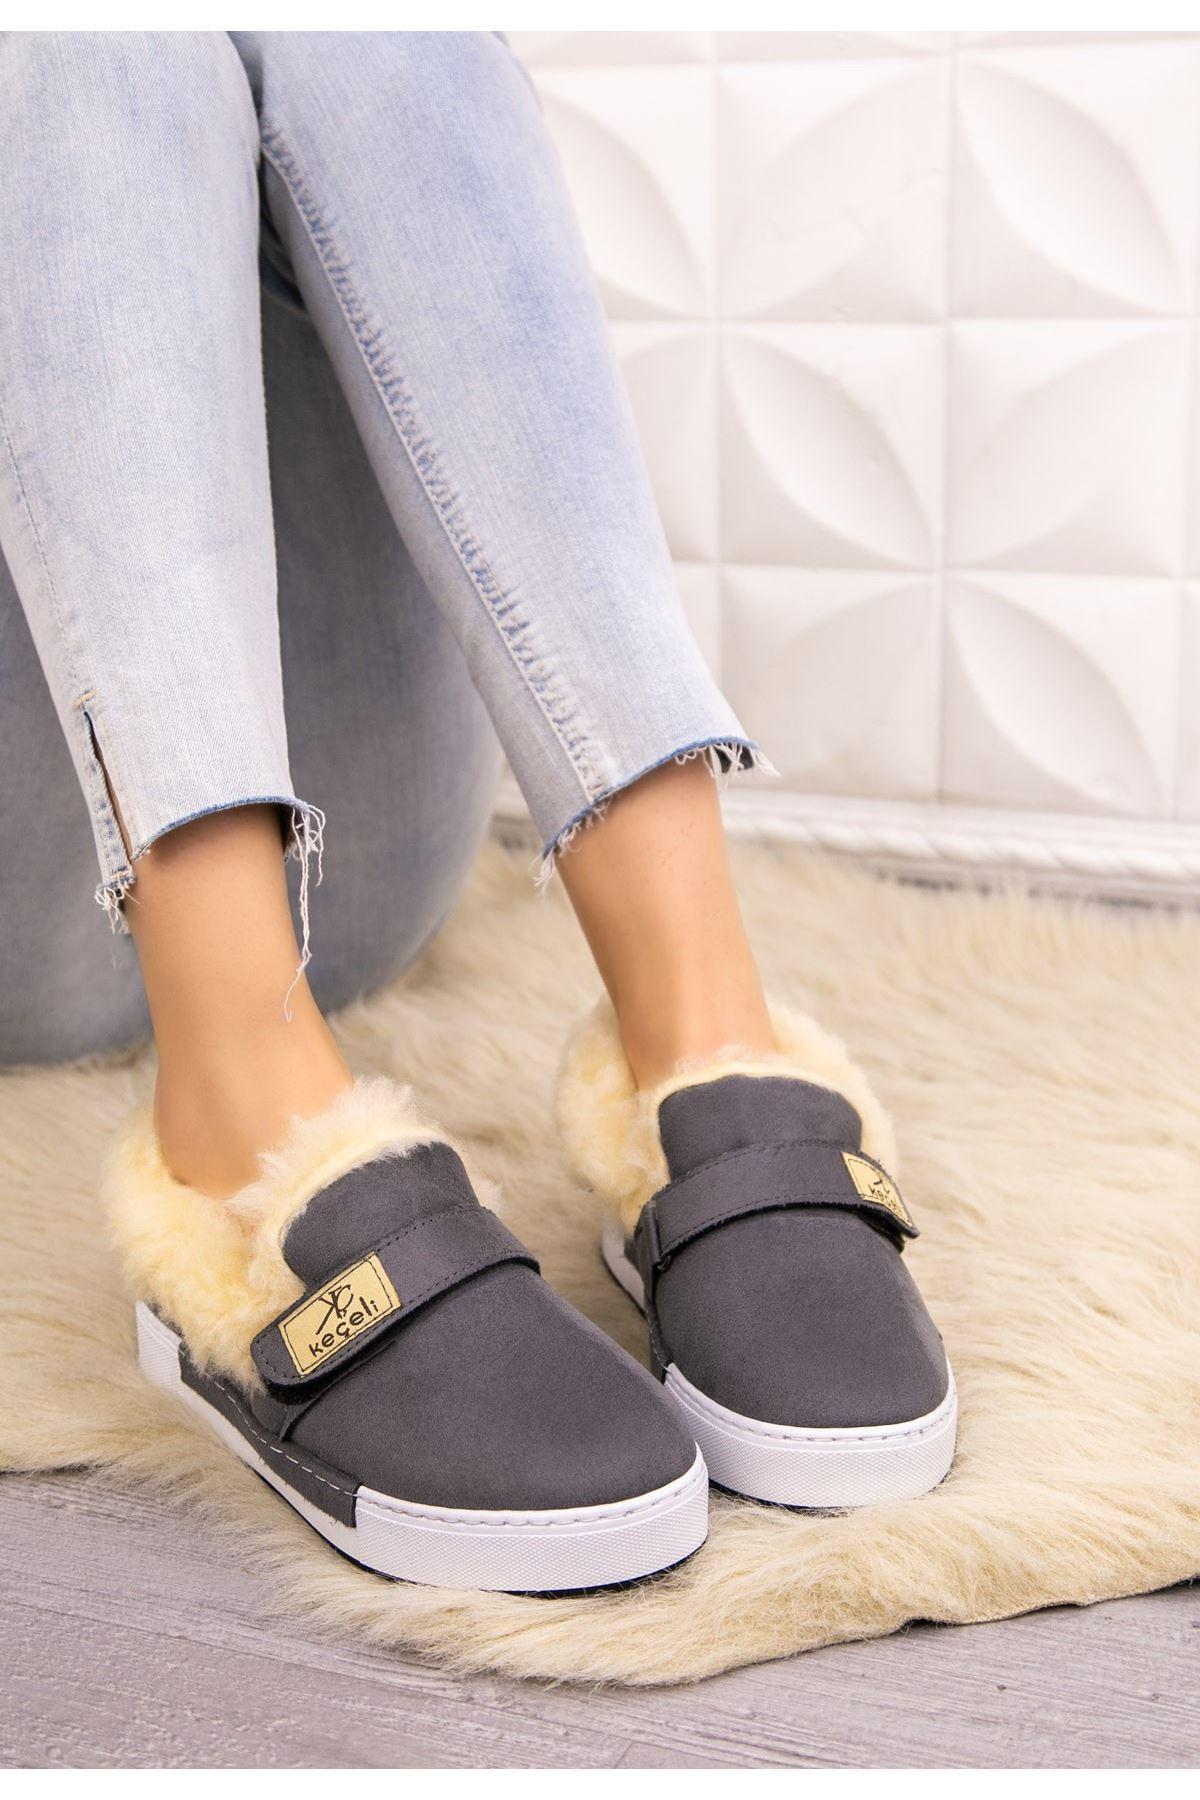 Rion Gri Süer Babet Ayakkabı